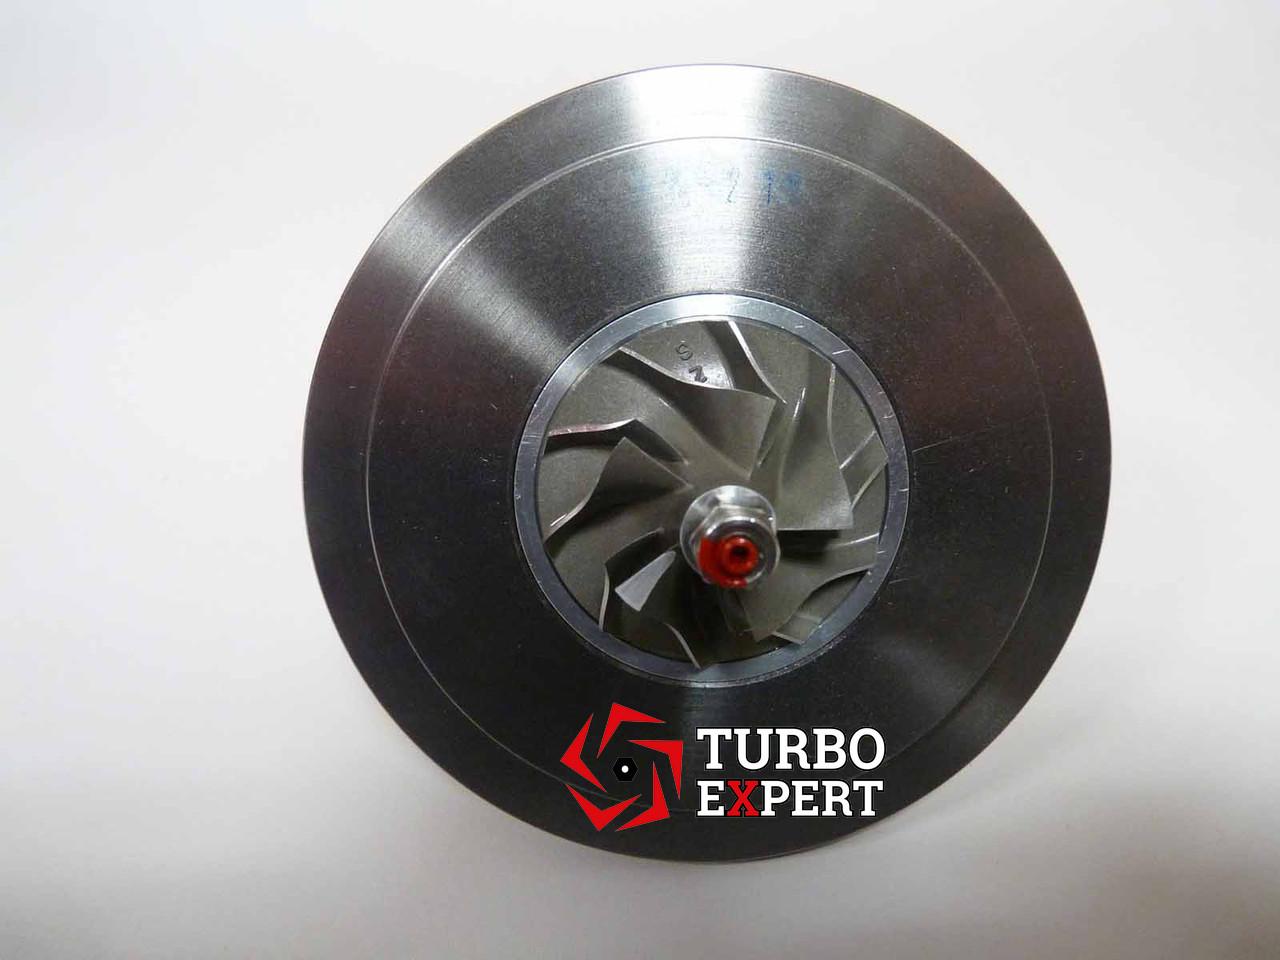 070-130-035 Картридж турбины MB Sprinter, OM646, 2.2D, 6460900280, A6460900280, 6460901880, 54399700049